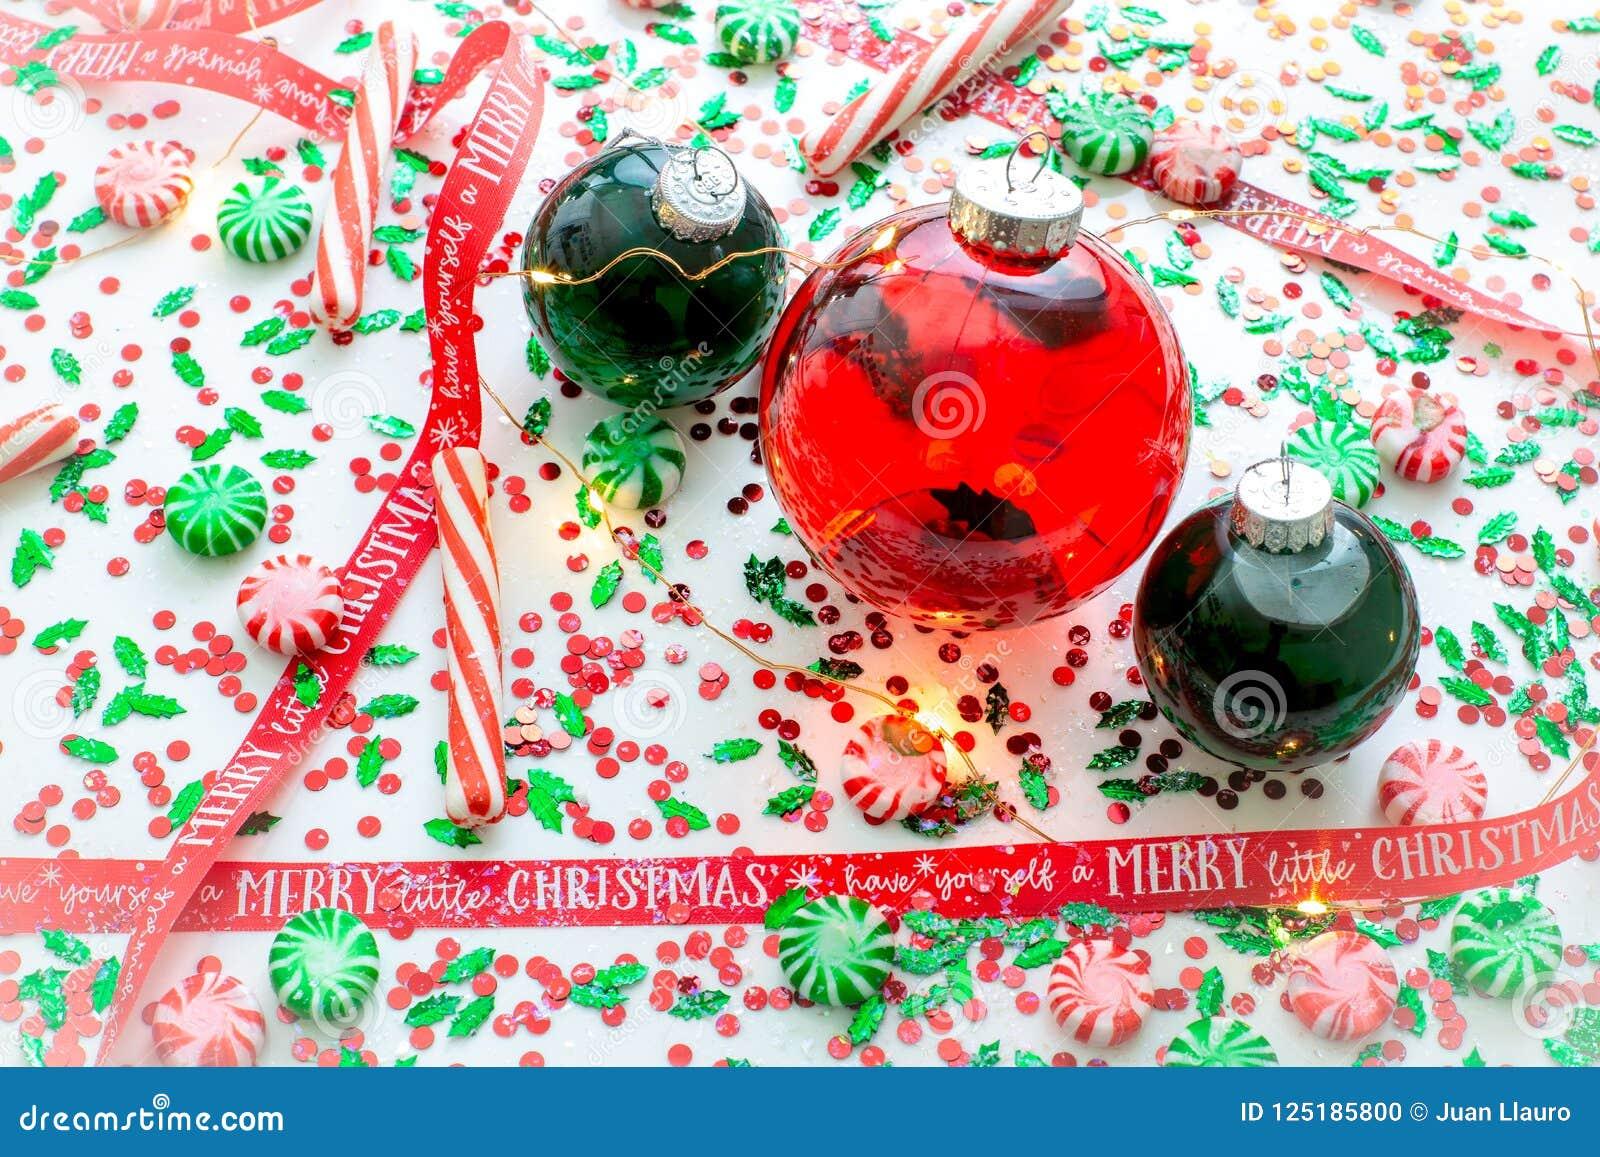 Η διακόσμηση με το κόκκινο ρευστό γέμισε τη σφαίρα διακοσμήσεων Χριστουγέννων και δύο πράσινες γεμισμένες σφαίρες διακοσμήσεων πο